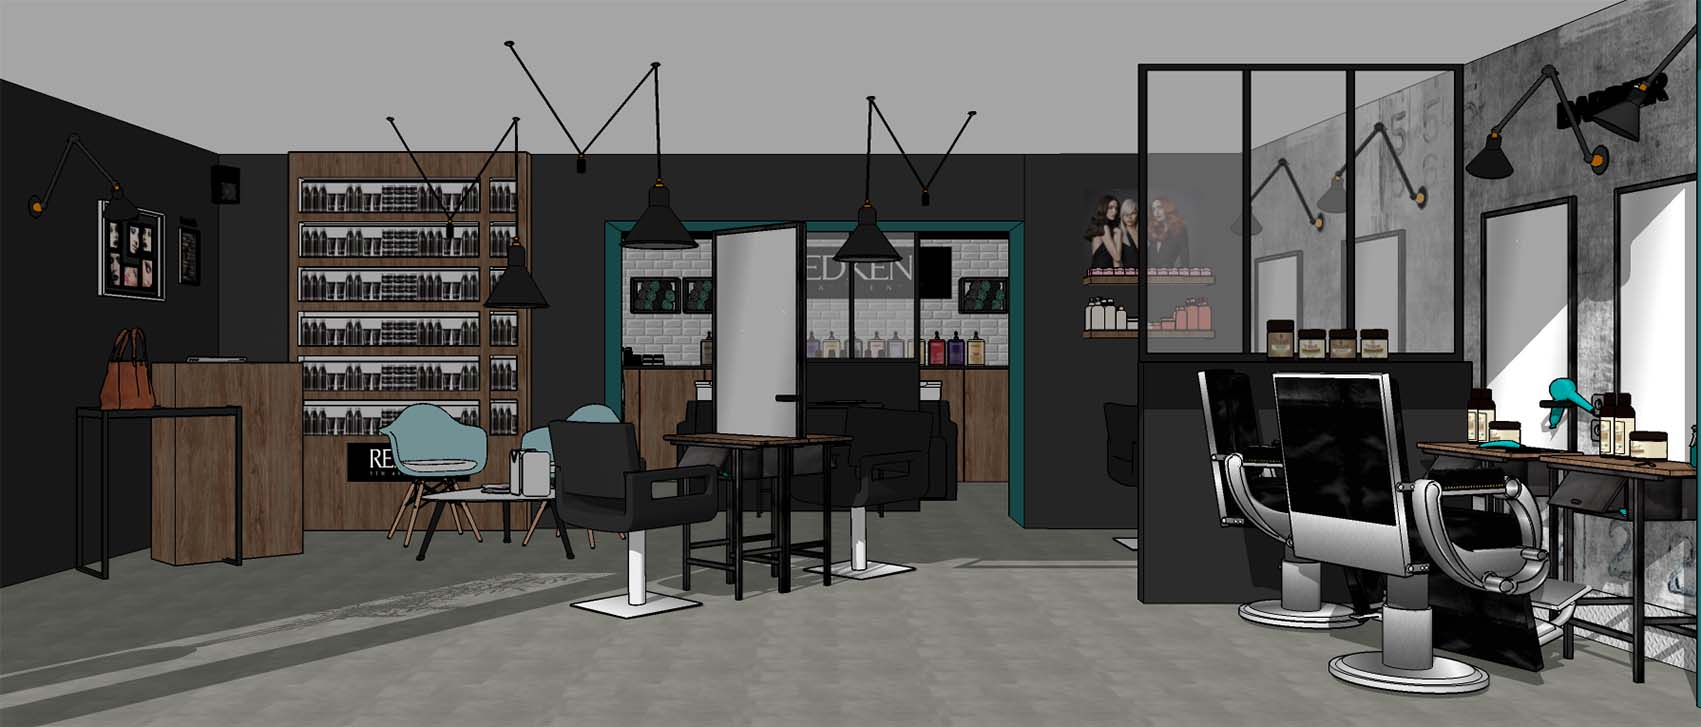 Salon de coiffure, Espace coupe avec verrière et espace barbier. Produits Redken, style industriel, ambiance atelier, bois, acier, chêne